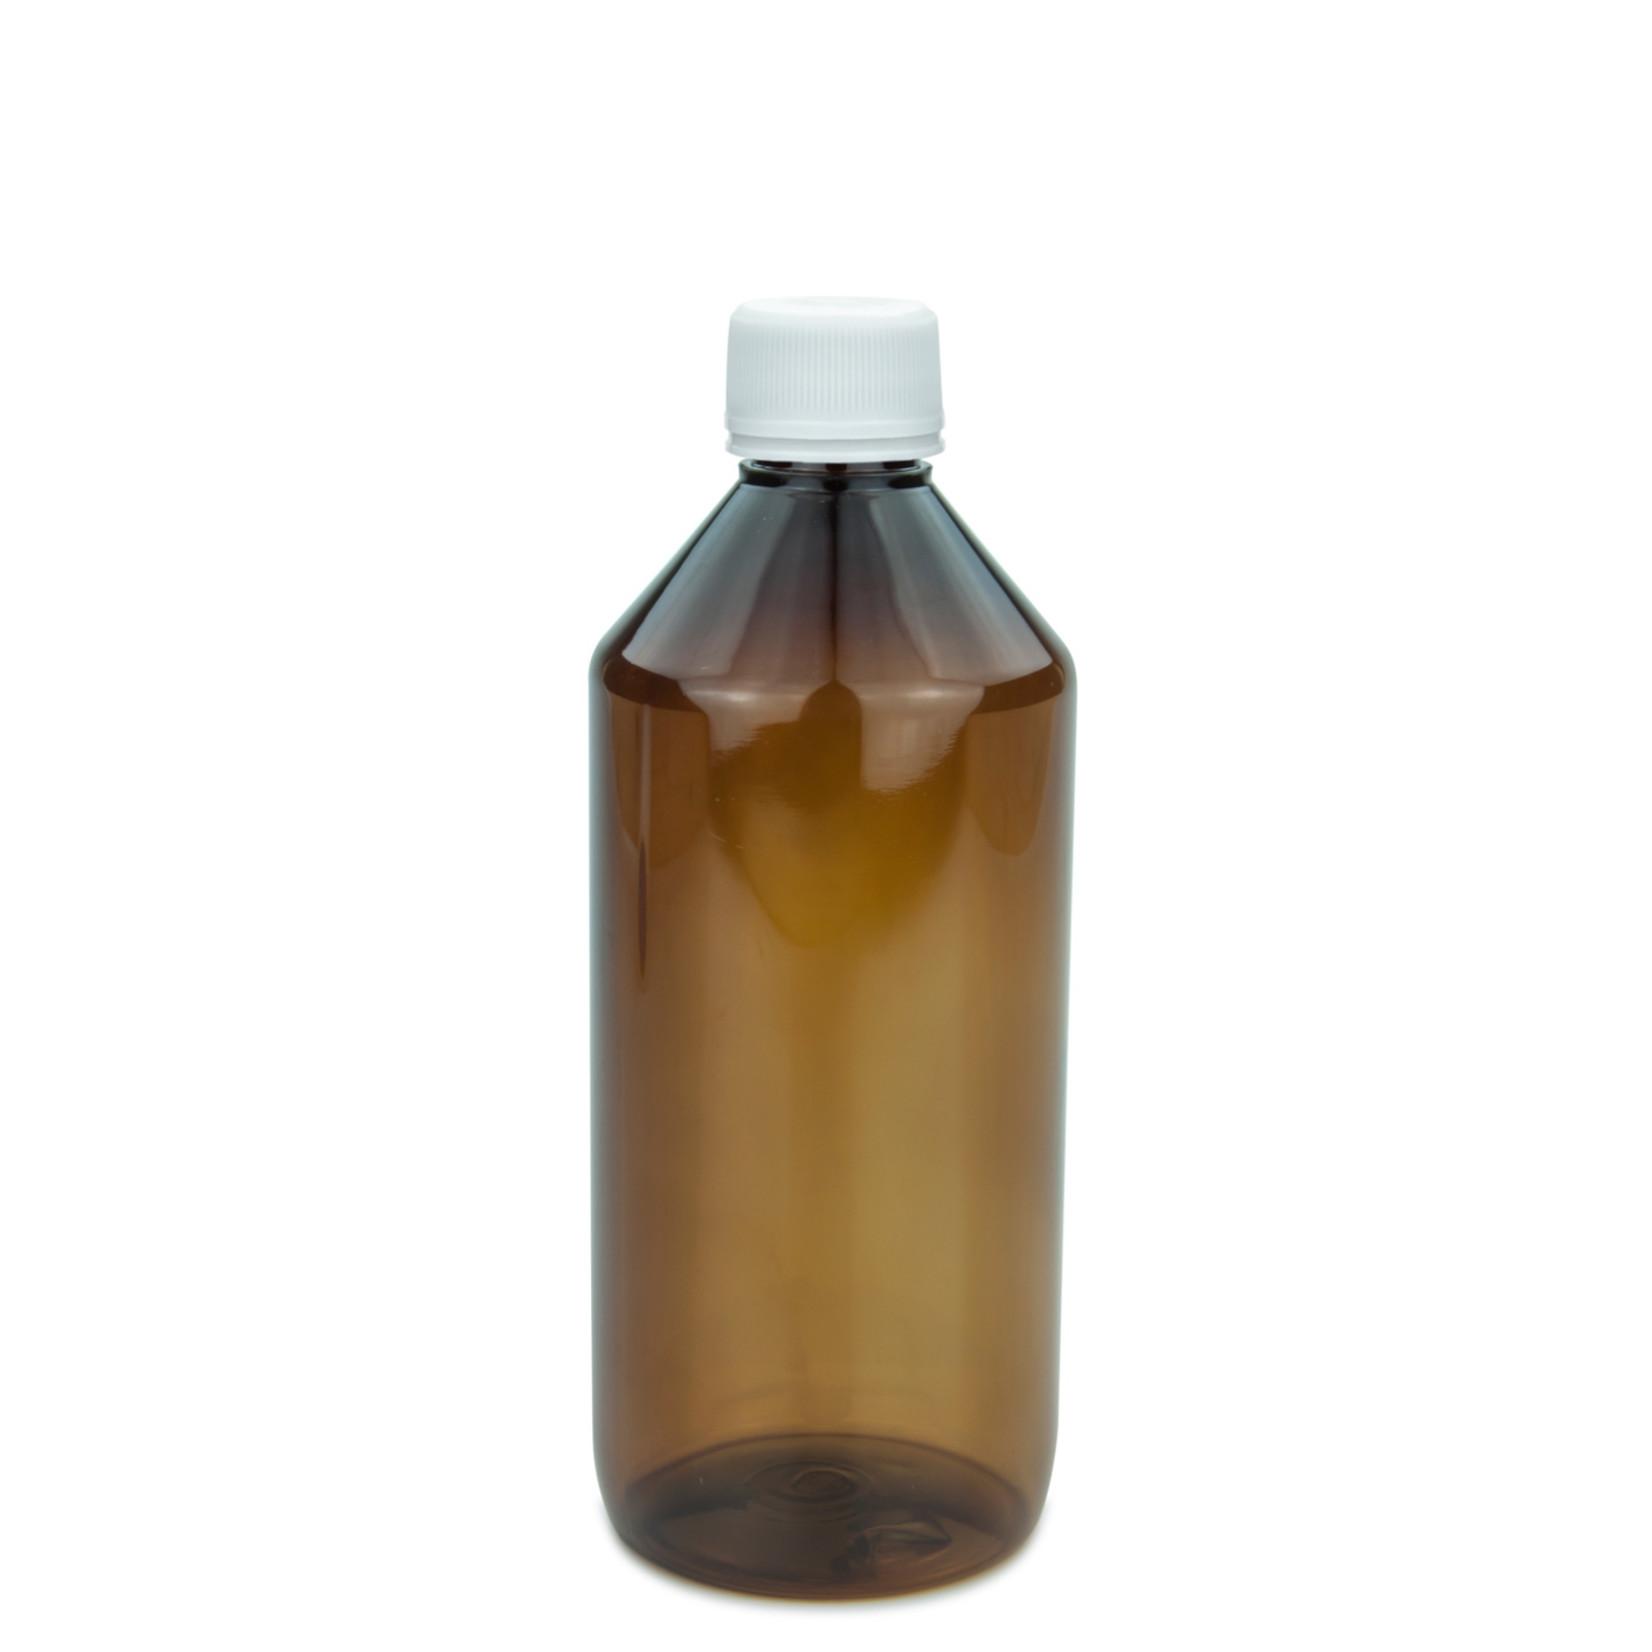 Basenflasche 500ml